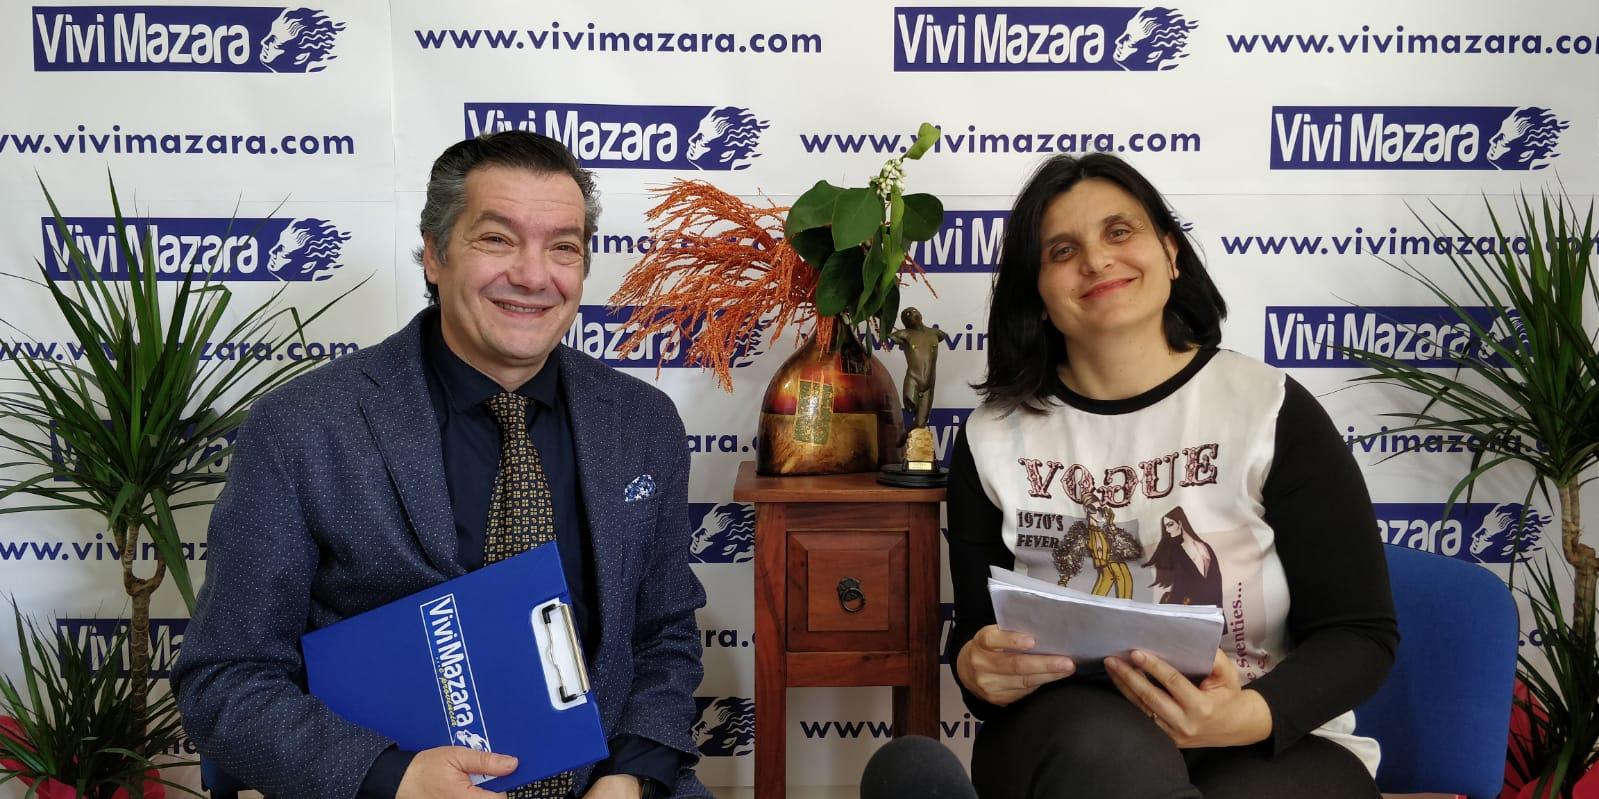 Mazara. INFORMAZIONE ELETTORALE: INTERVISTA CON FRANCESCA DI GIOVANNI, CANDIDATA AL CONSIGLIO COMUNALE NELLA LISTA